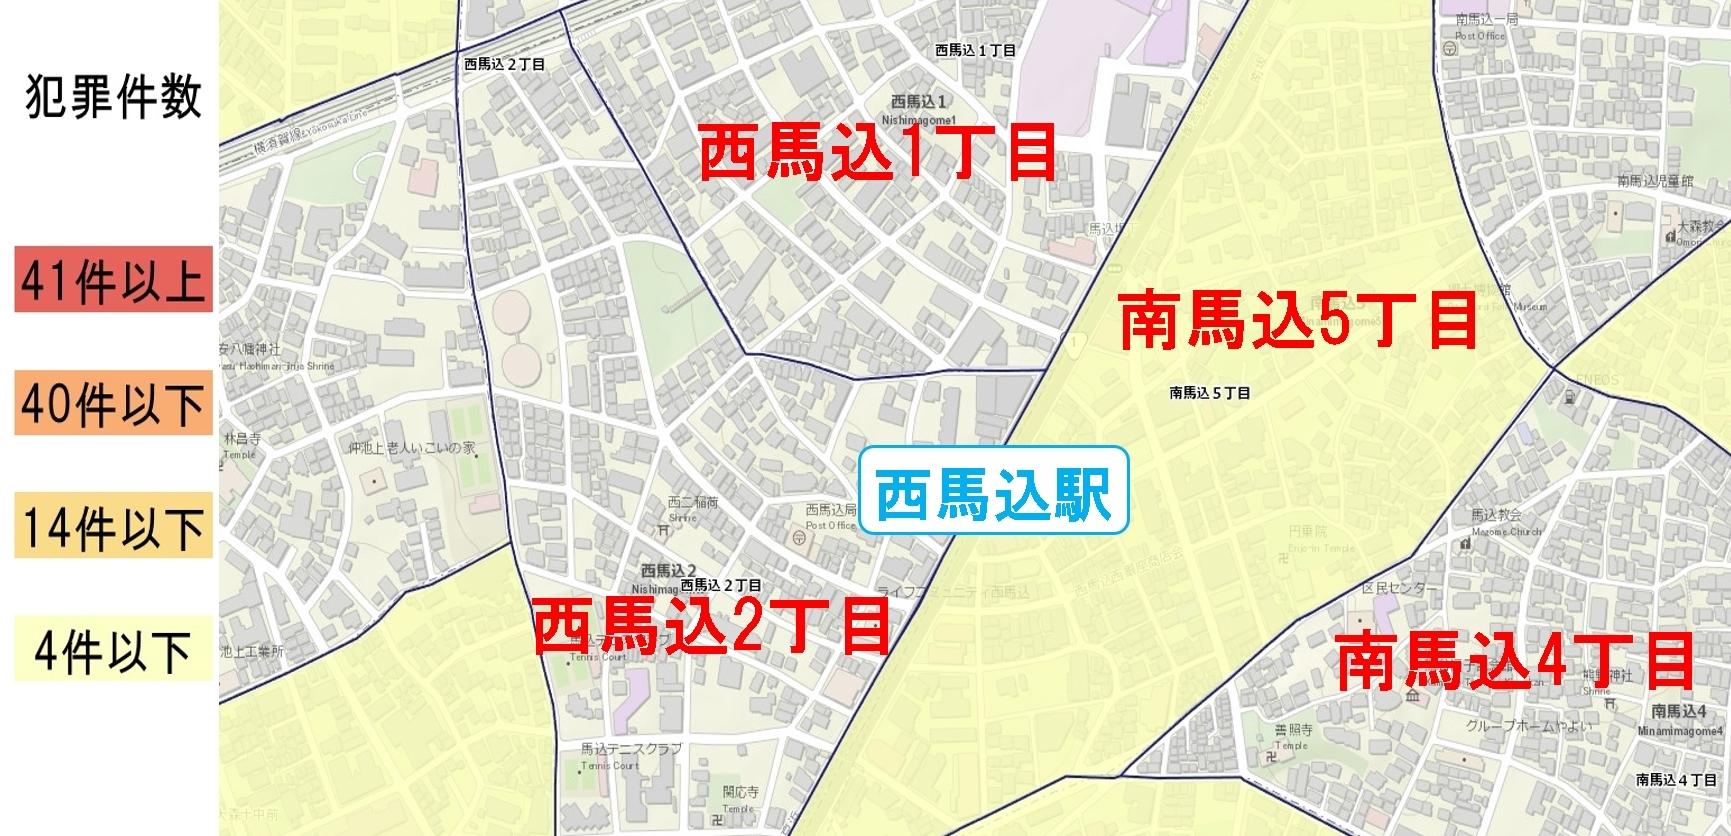 西馬込駅周辺の粗暴犯の犯罪件数マップ